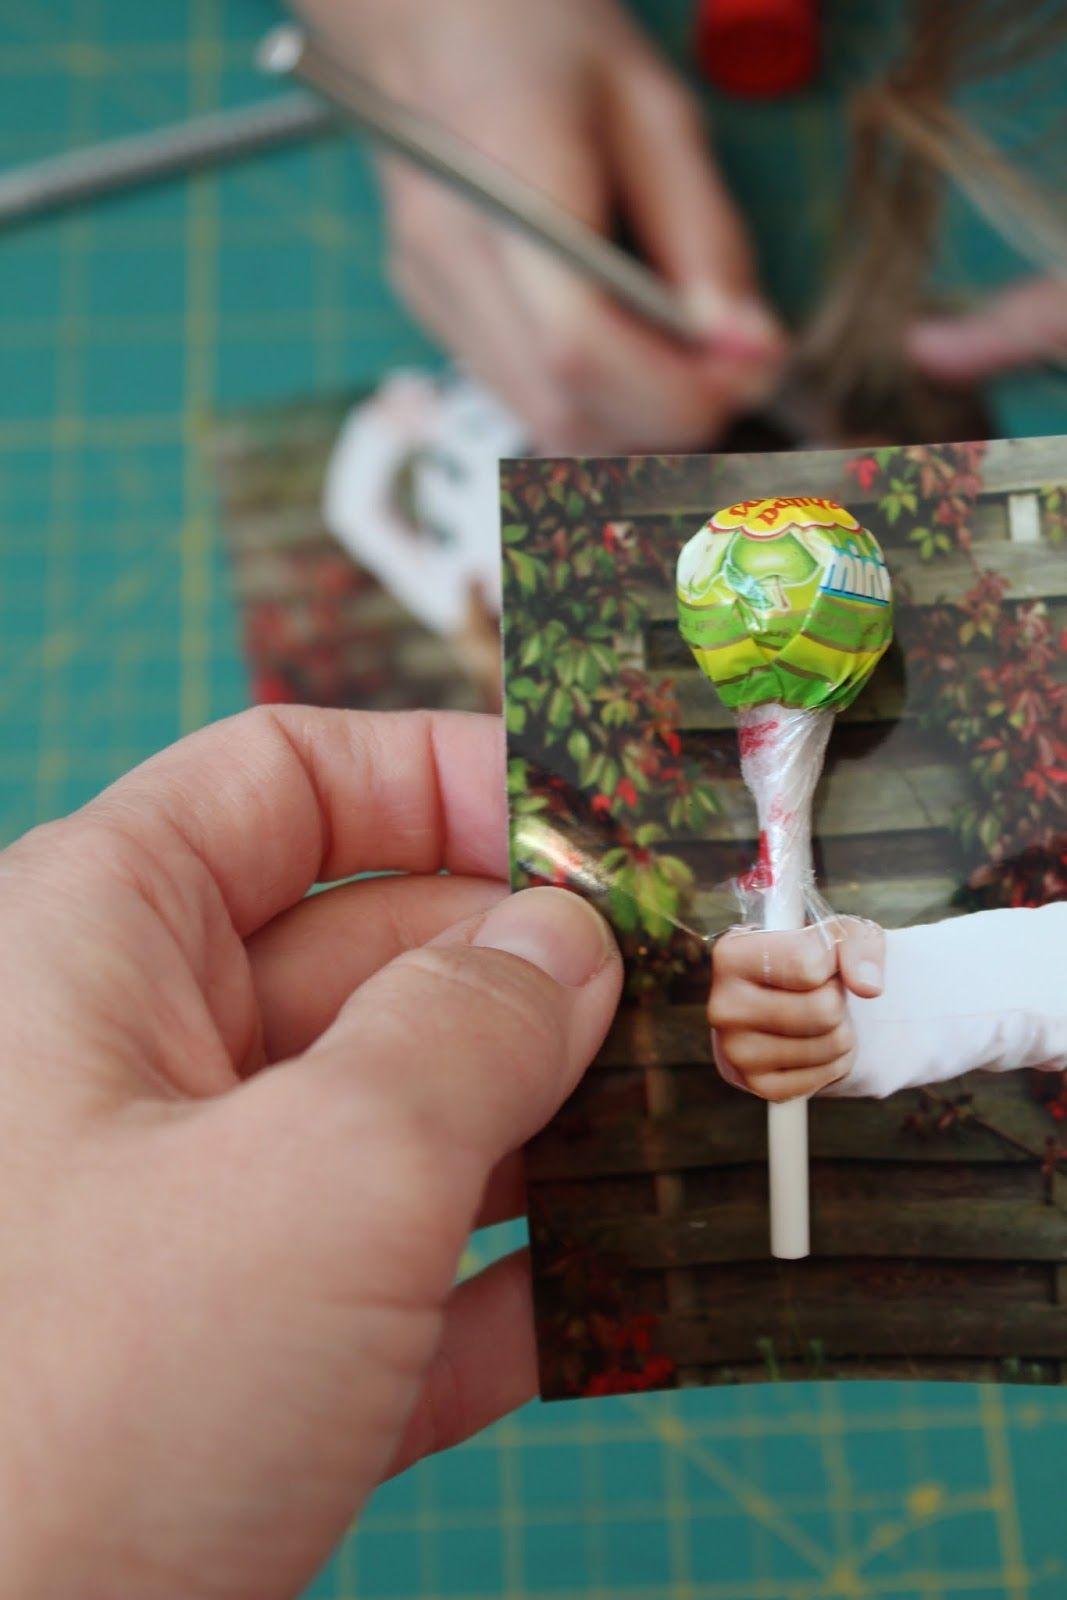 Schön Kindergeburtstagseinladung Mit Lolli Echtem Lolli Versehen